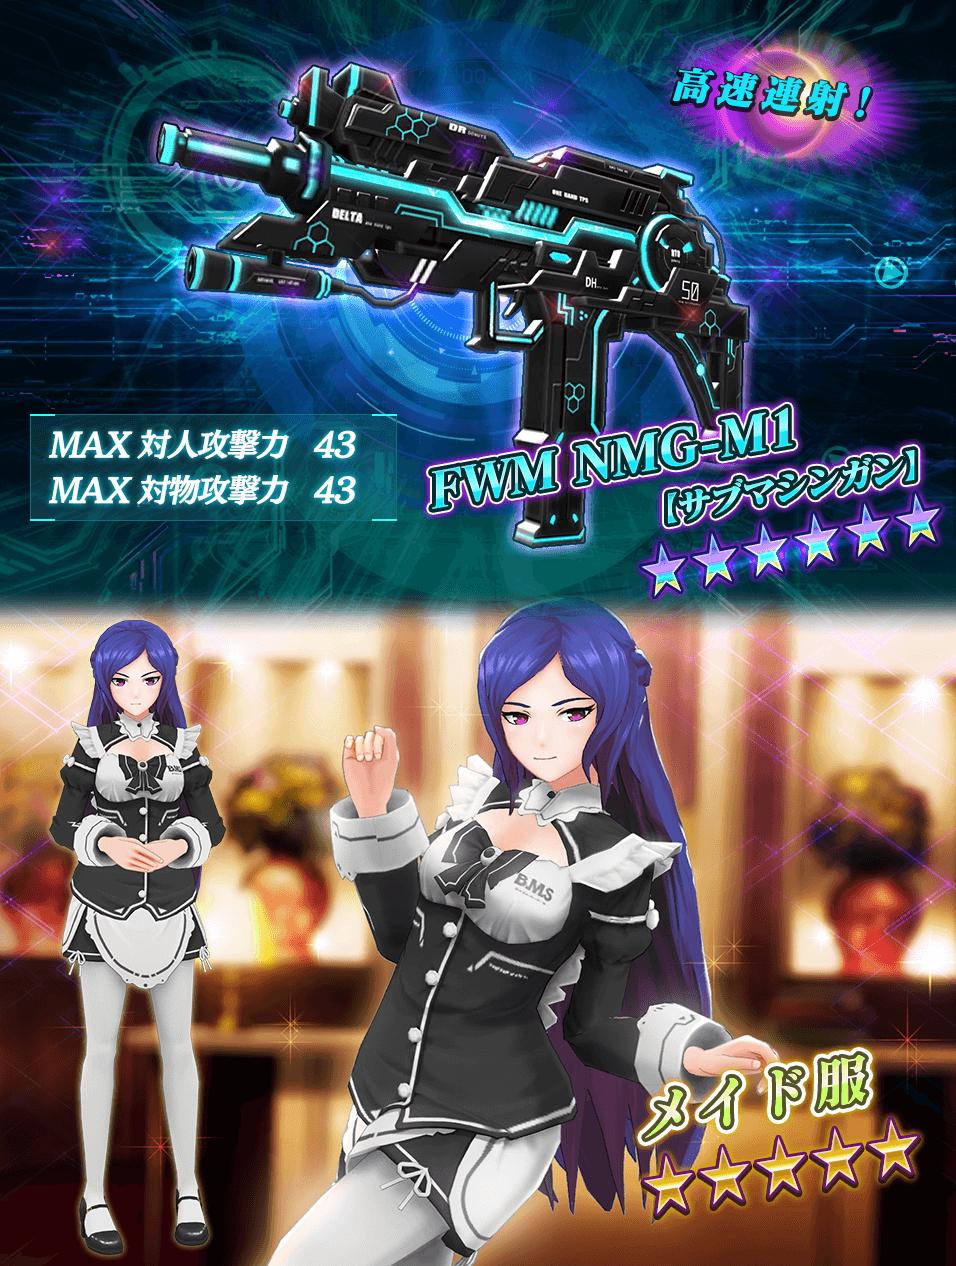 『無人戦争 2099』で星6サブマシンガン「FWM NMG M1」や星6衣装「メイド服」が実装!